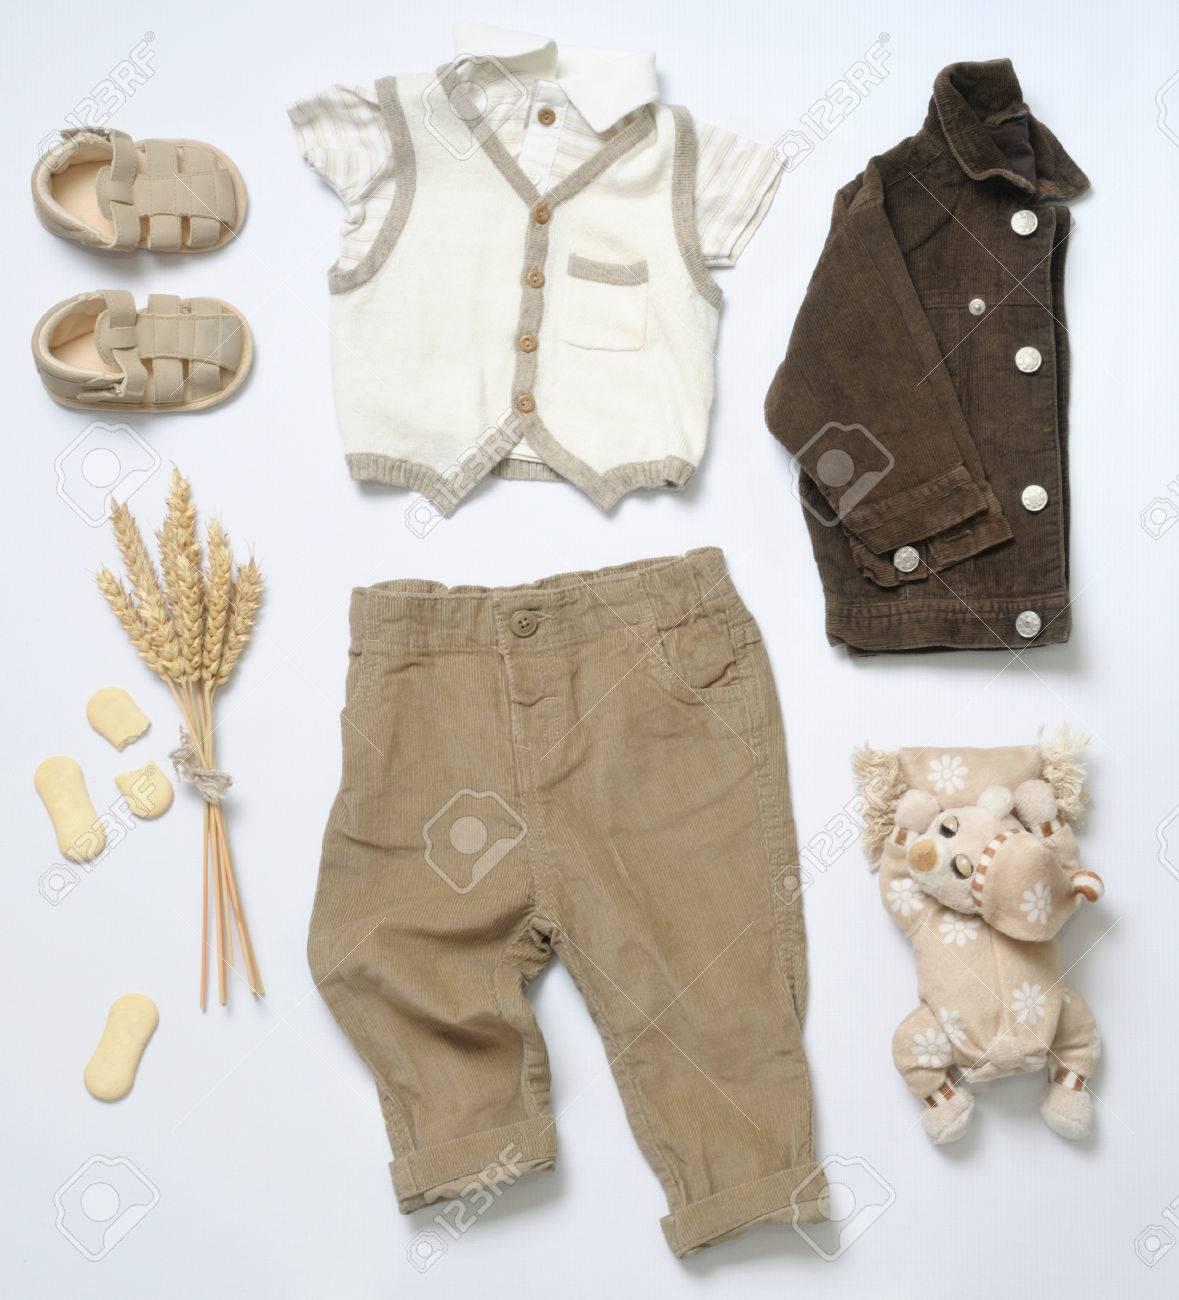 Spullen Voor Baby.Bovenaanzicht Mode Trendy Look Van Babykleertjes En Speelgoed